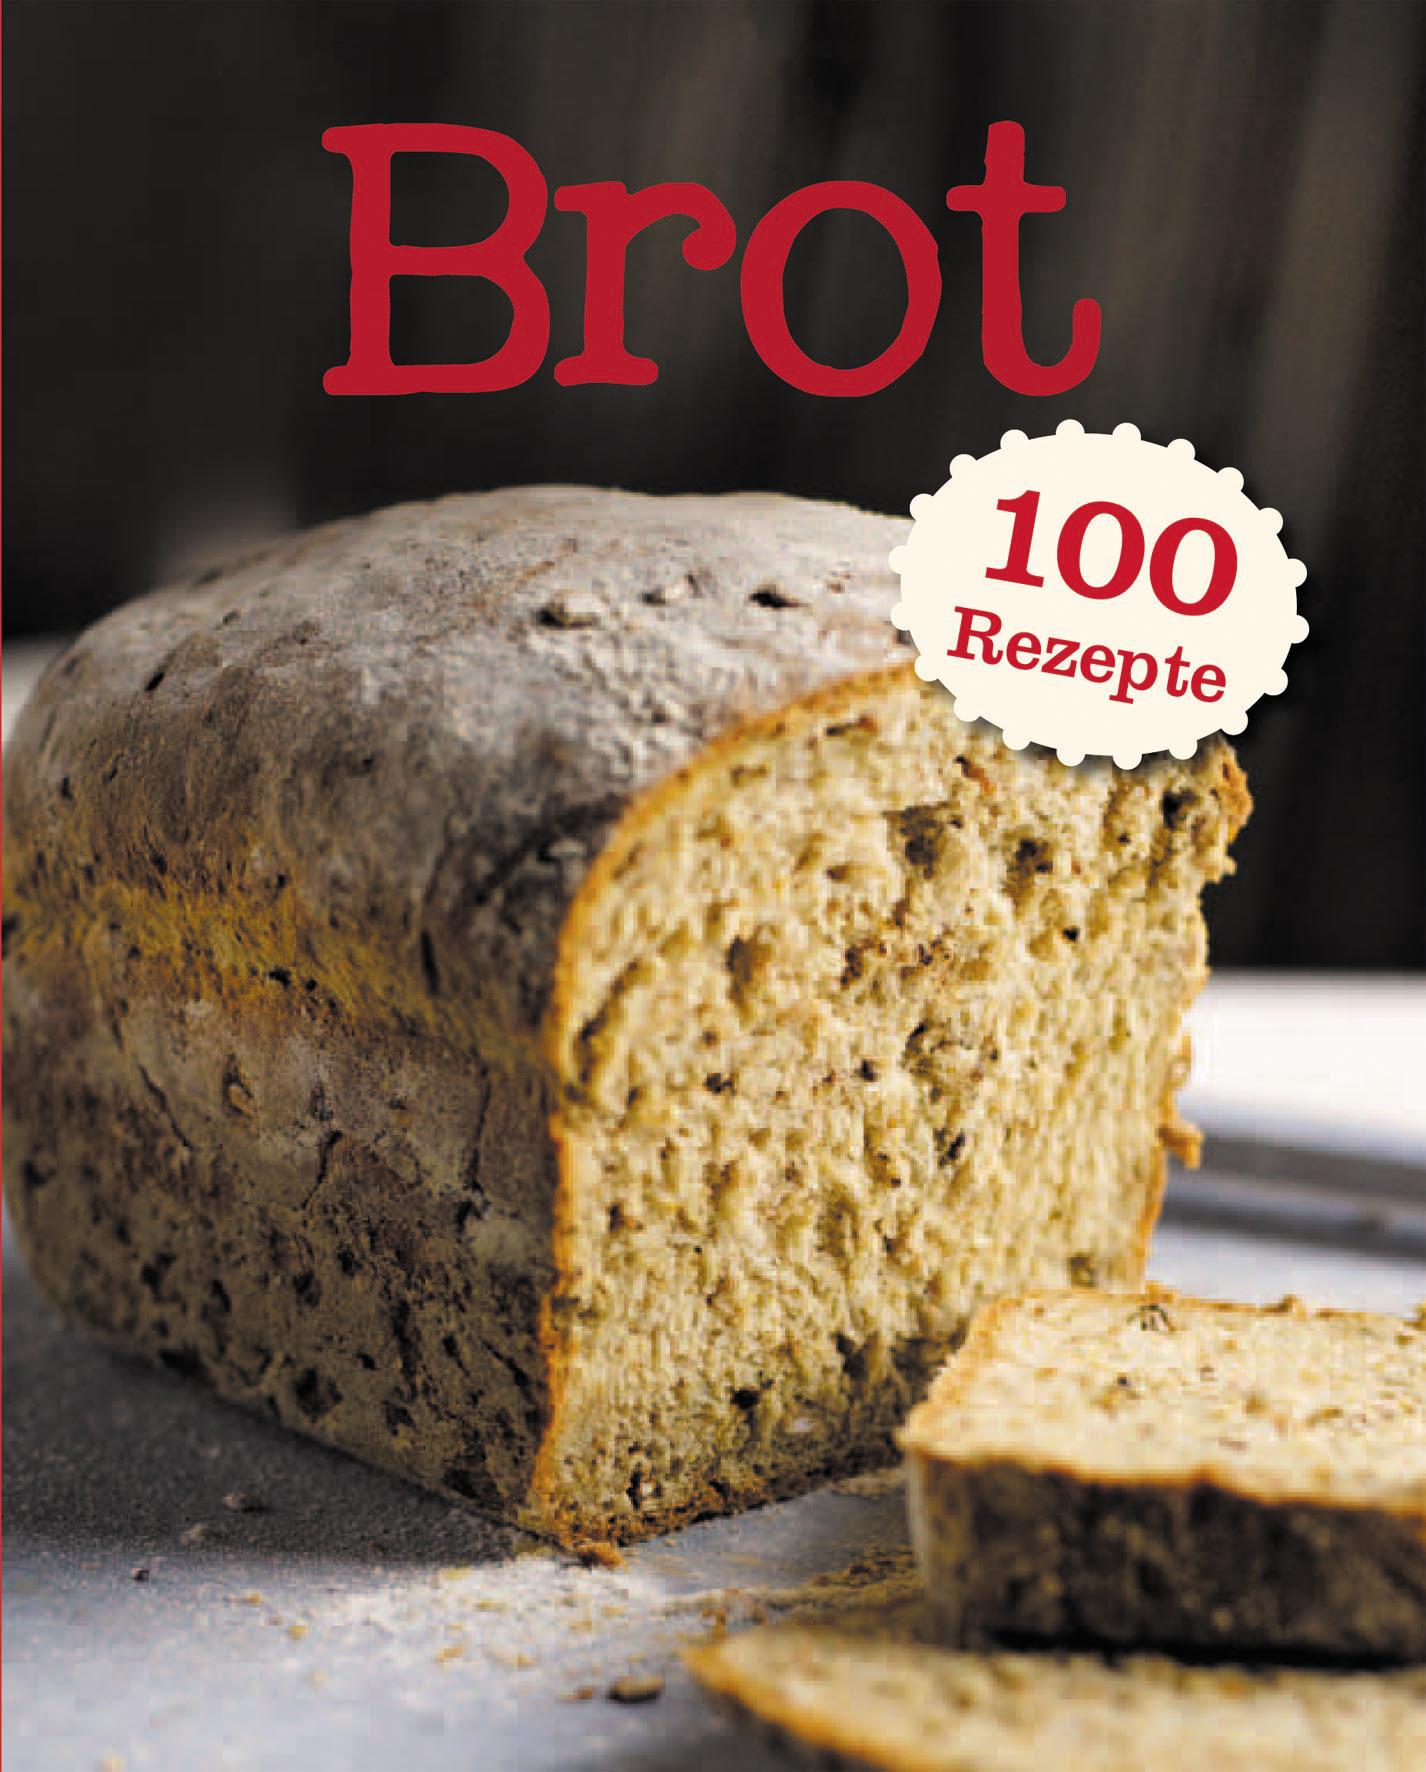 Brot: 100 Rezepte - Parragon